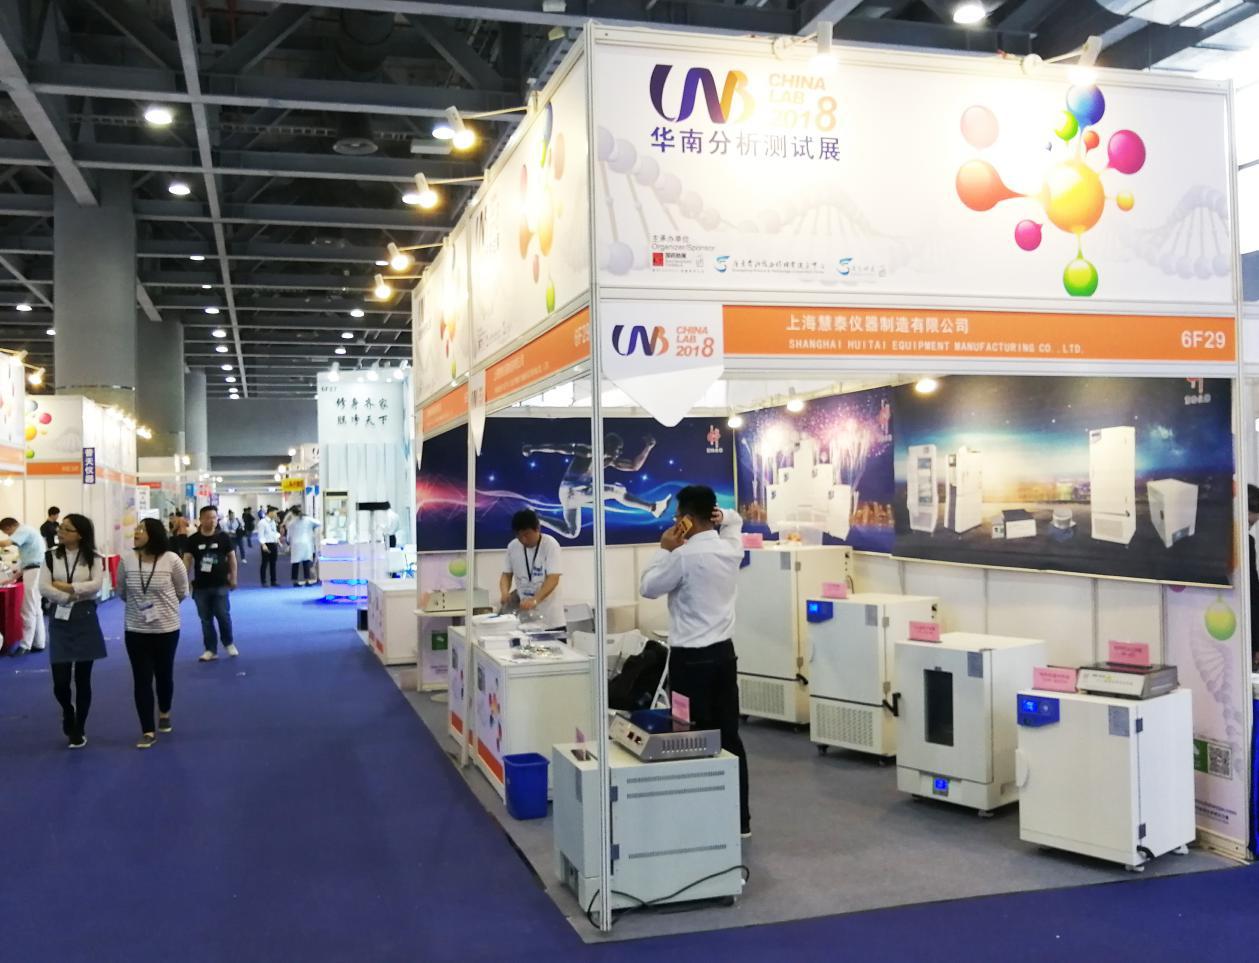 上海慧泰携新品出席CHINA LAB 2018盛会